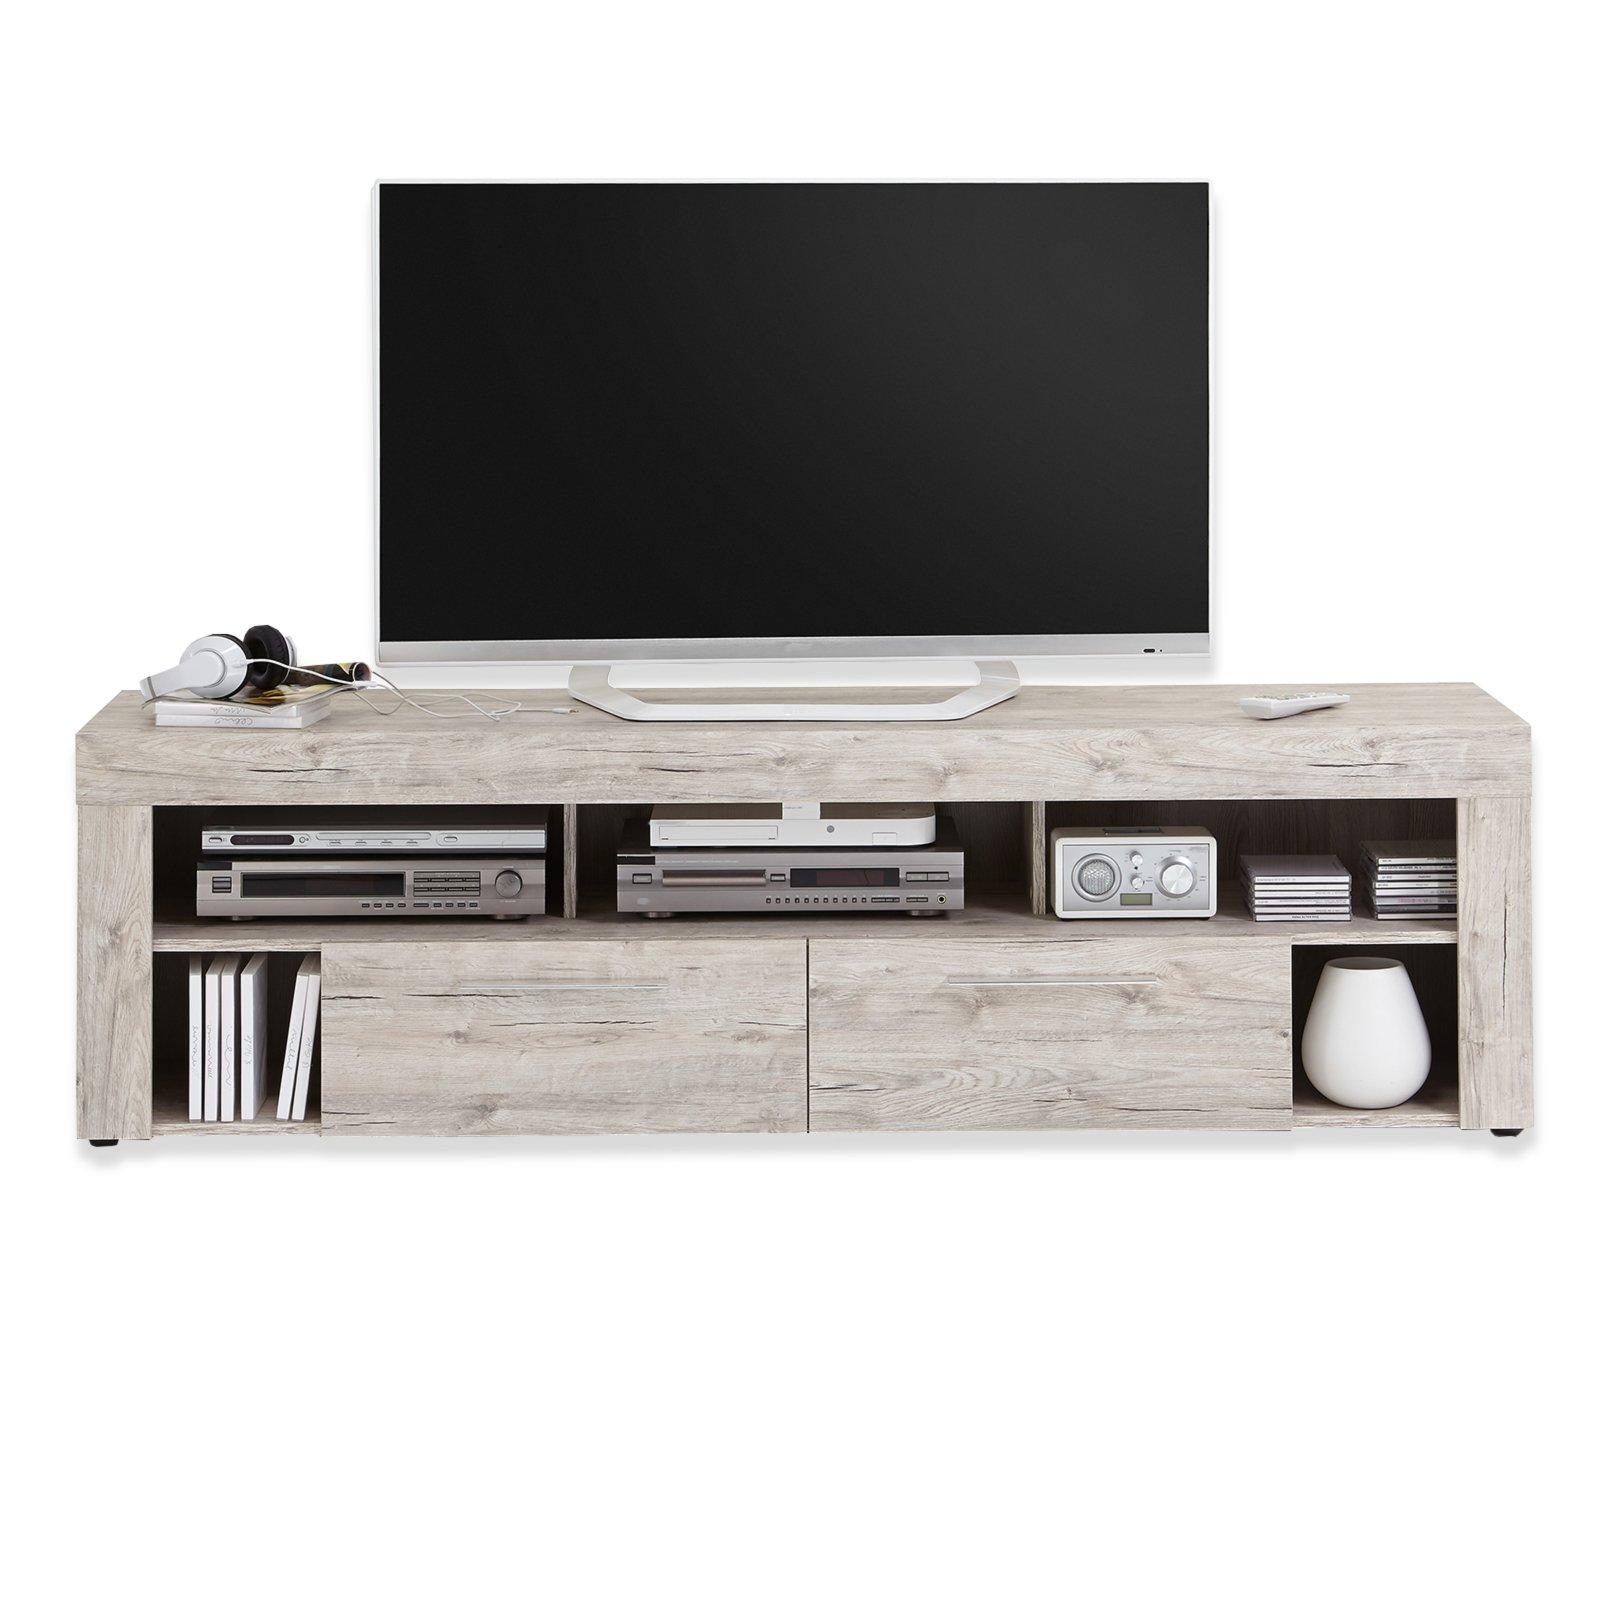 TVLowboard  Sandeiche  180 cm hoch  0131009700  eBay